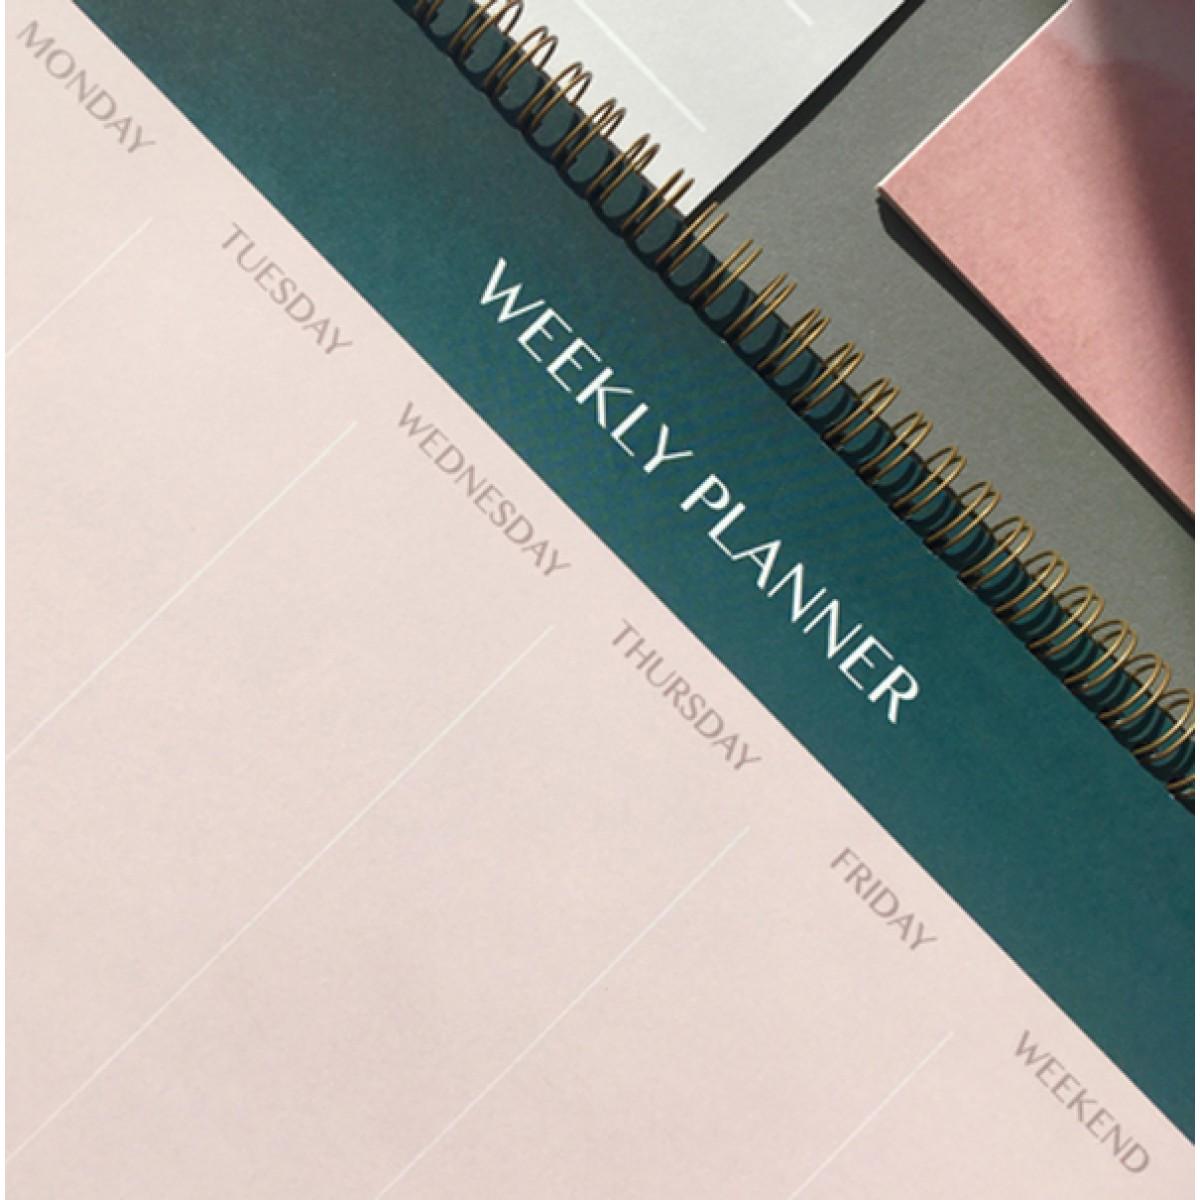 WEEKLY PLANNER - A4 TISCHPLANER - ANNA-COSMA